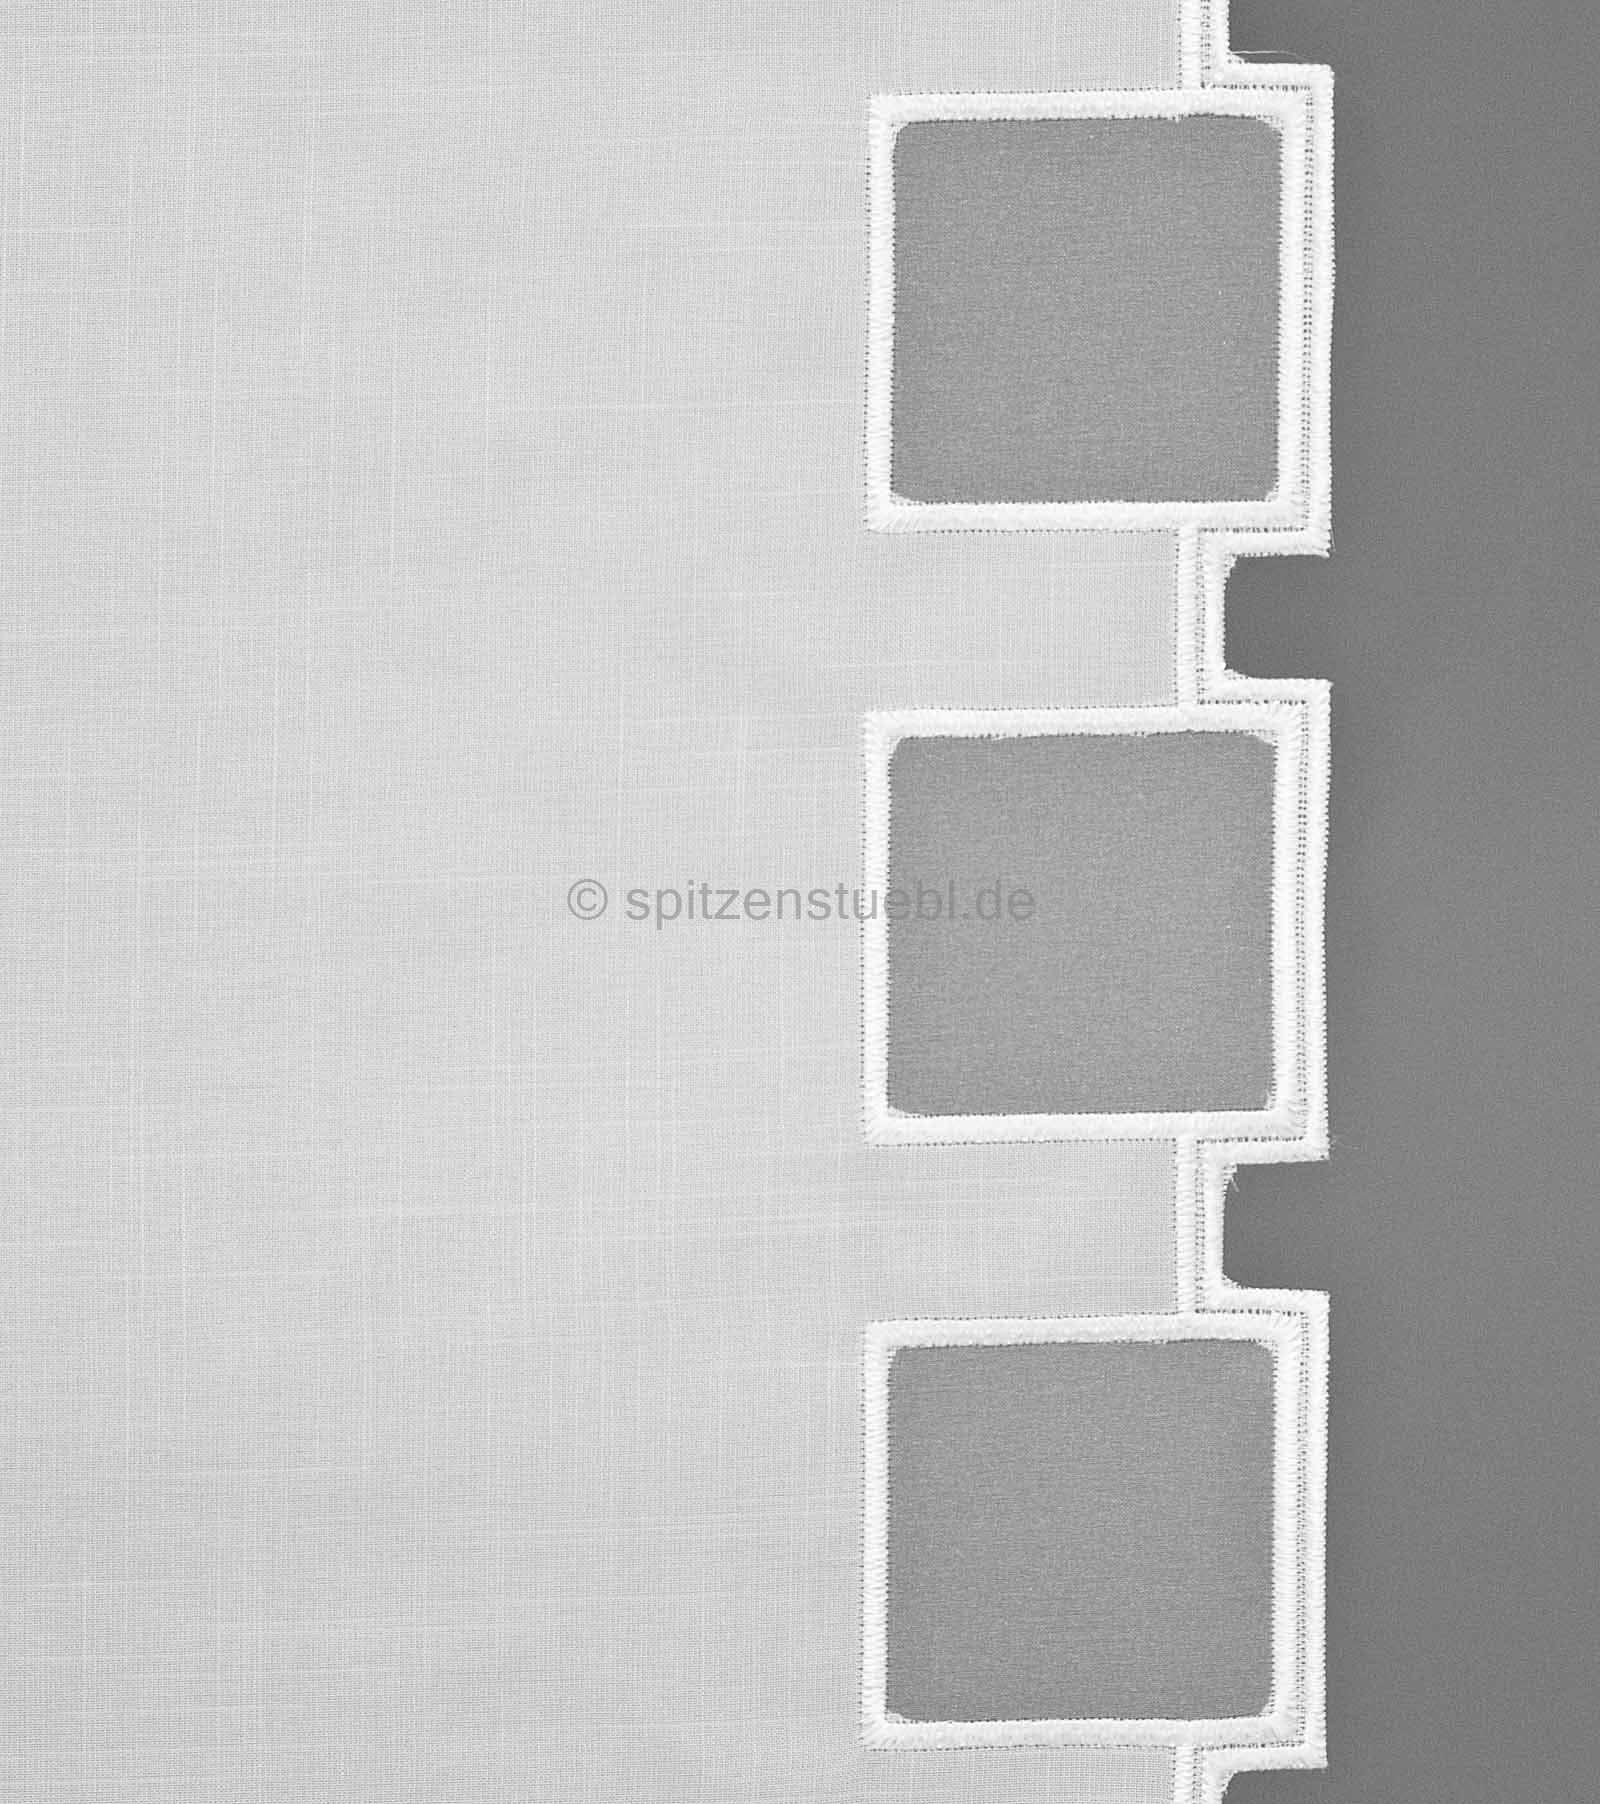 Full Size of Scheibengardinen Modern Plauener Spitze Online Moderne Bilder Fürs Wohnzimmer Deckenleuchte Schlafzimmer Esstisch Küche Holz Modernes Sofa Tapete Bett Design Wohnzimmer Scheibengardinen Modern